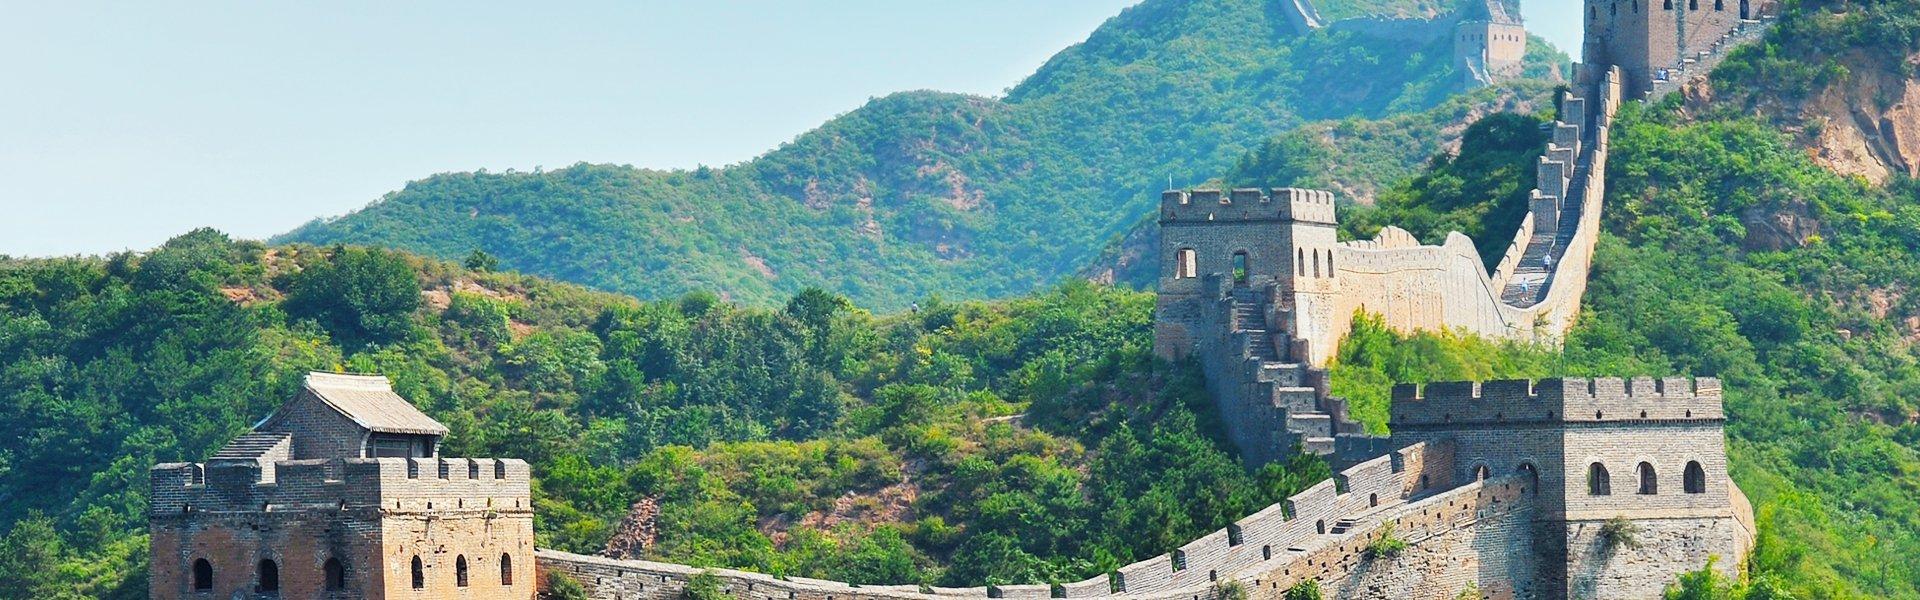 De Chinese muur, China